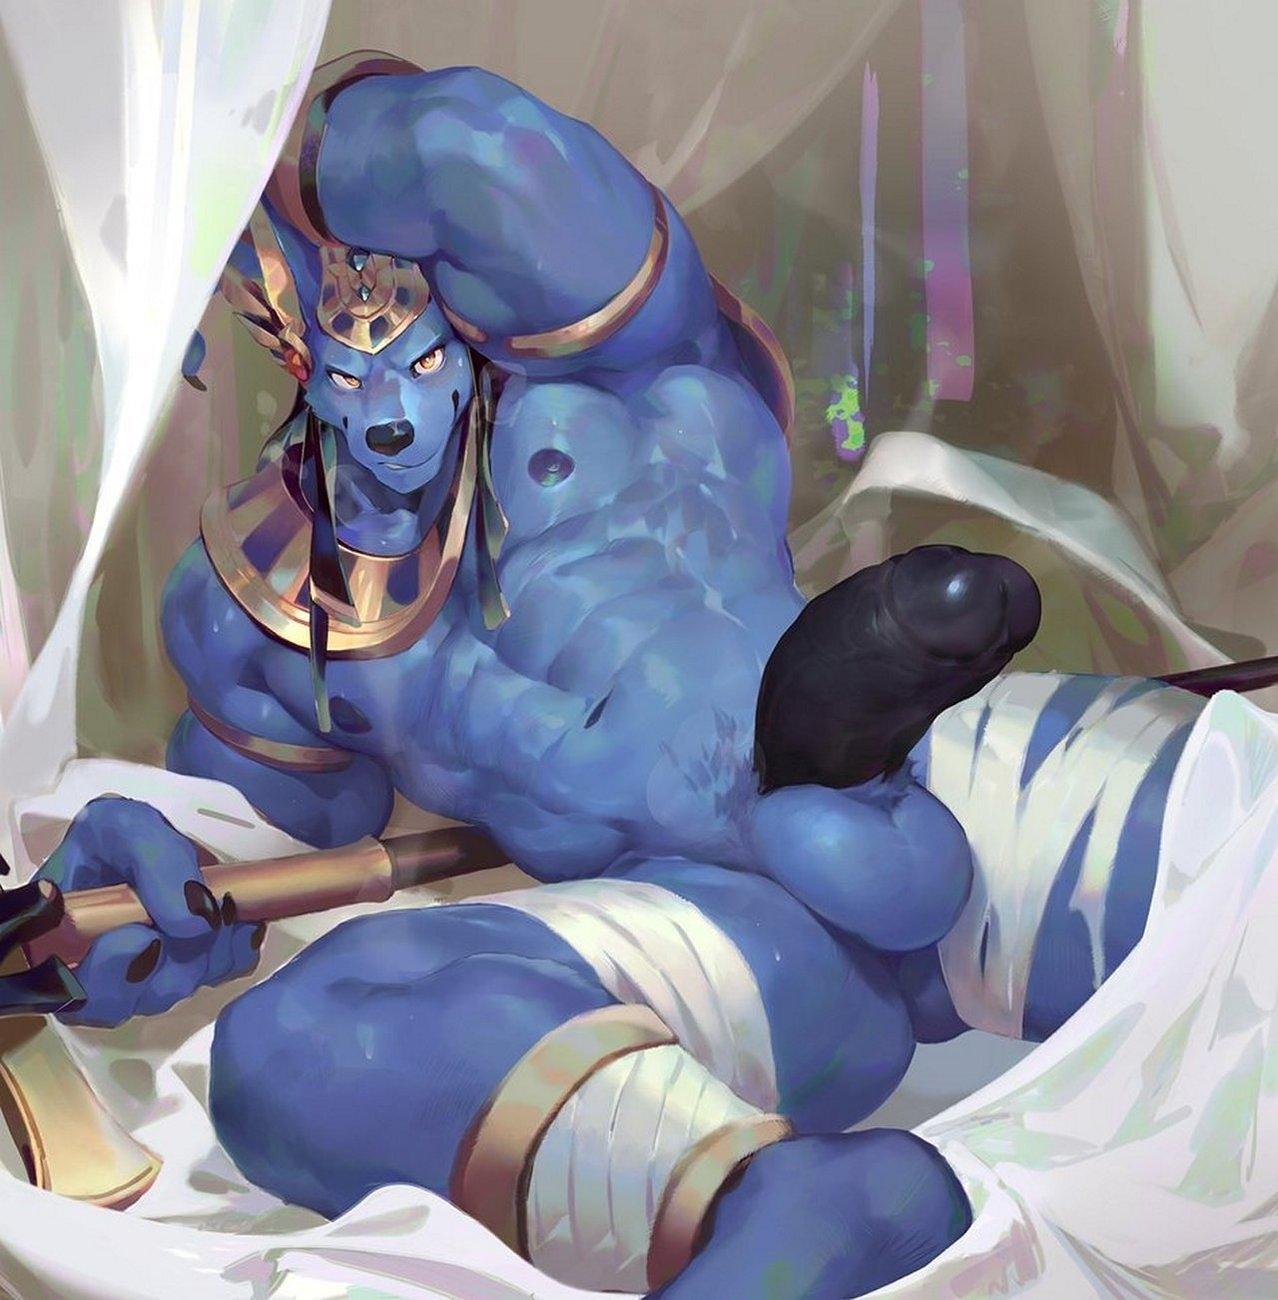 Anubis Porno buff-anubis-001 - gay furry comics